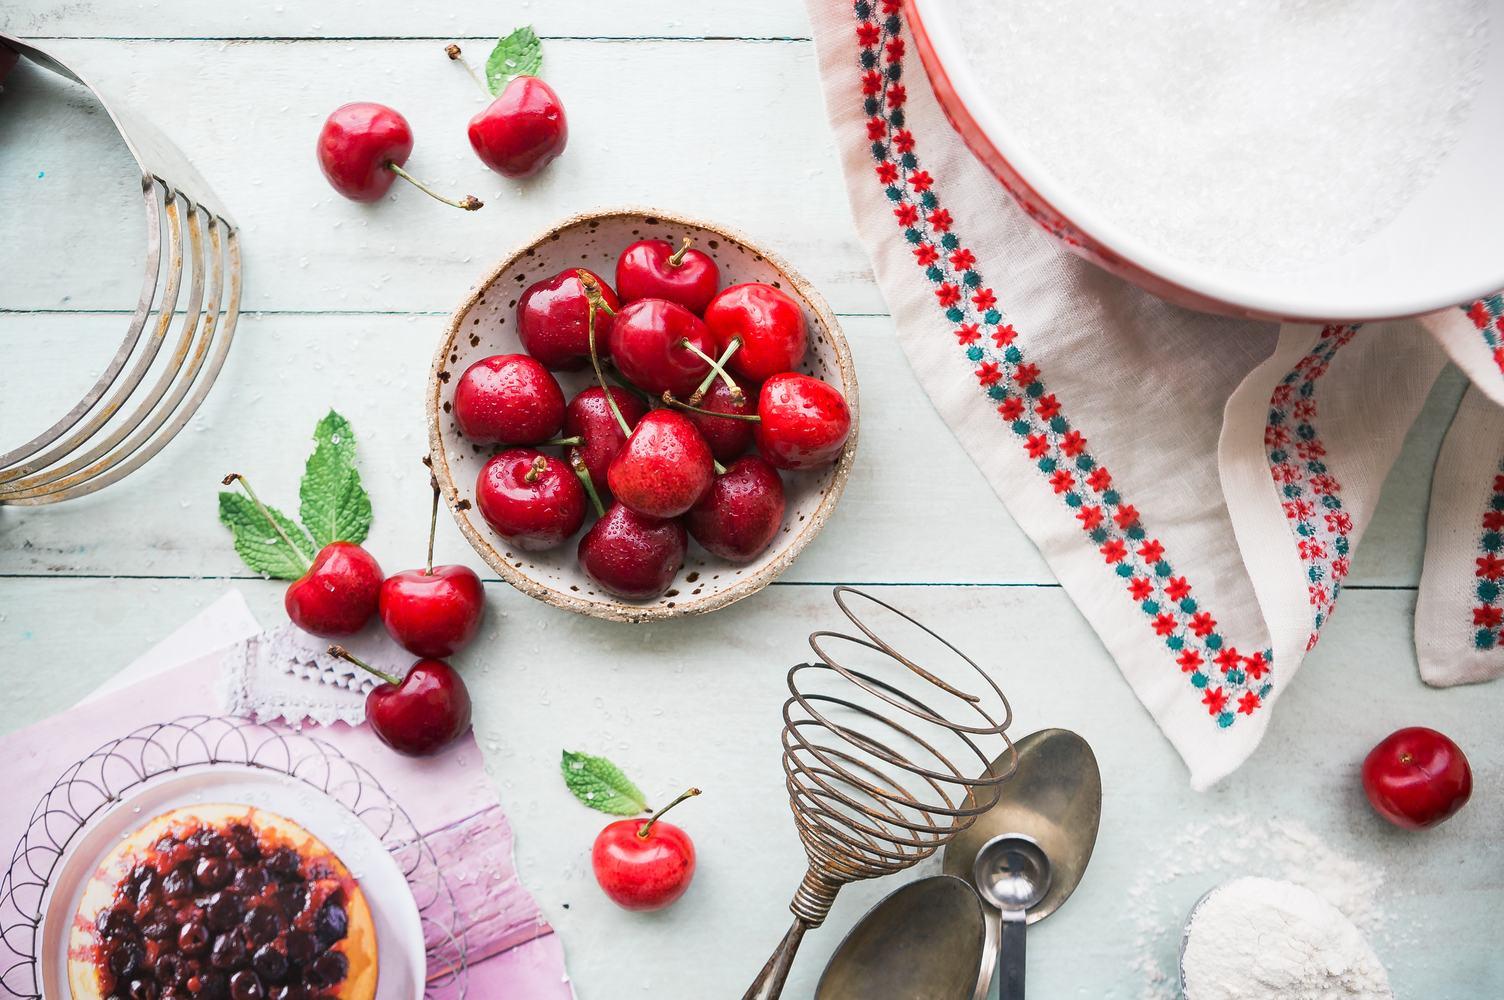 Preparing to Bake Cherry Pie